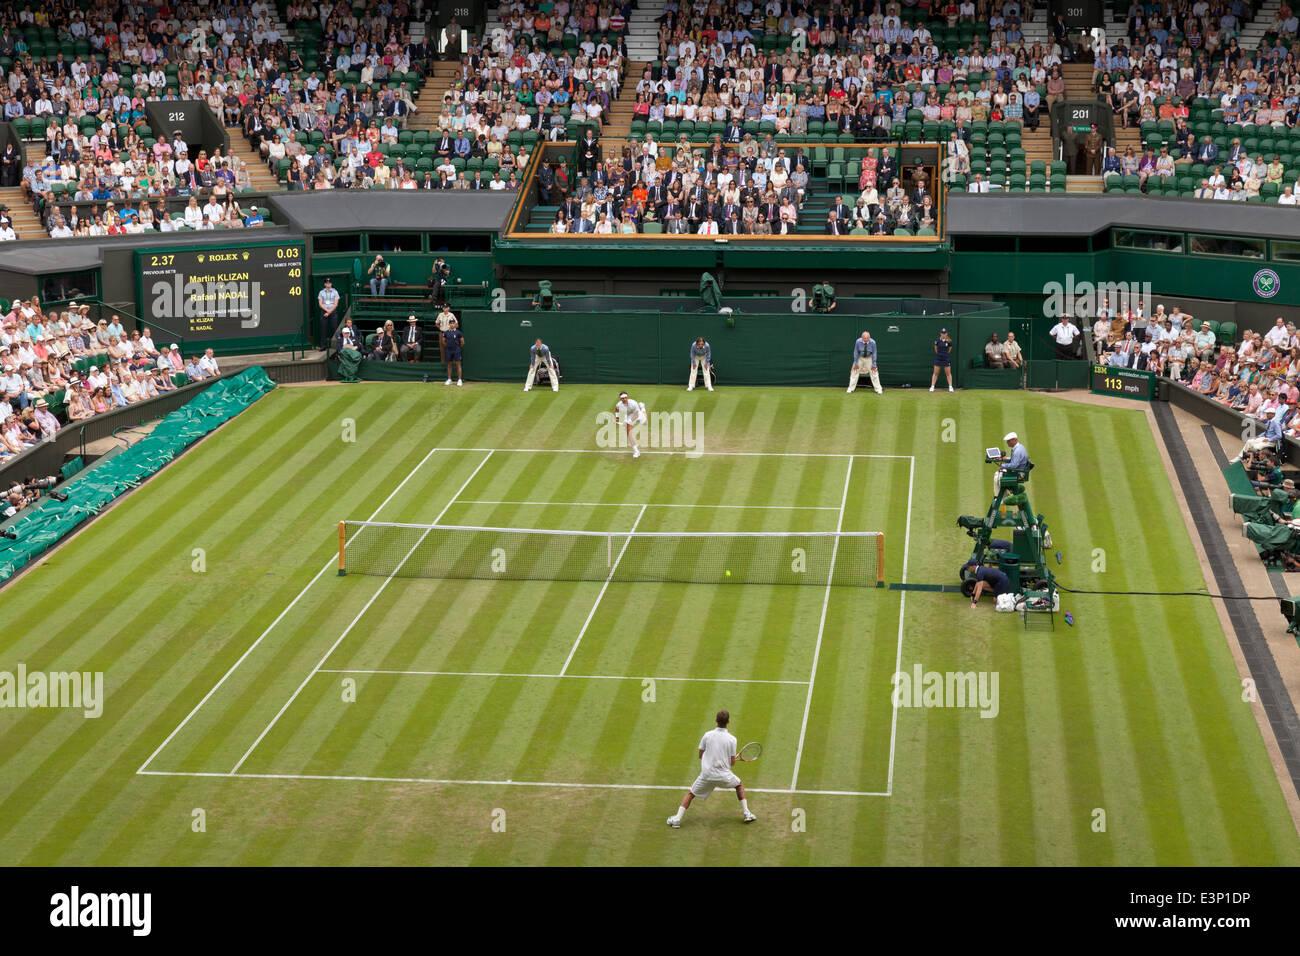 El centro de la Cancha de Wimbledon Mens Singles, primera ronda, 2014 campeonatos de Wimbledon Lawn Tennis Club, Imagen De Stock